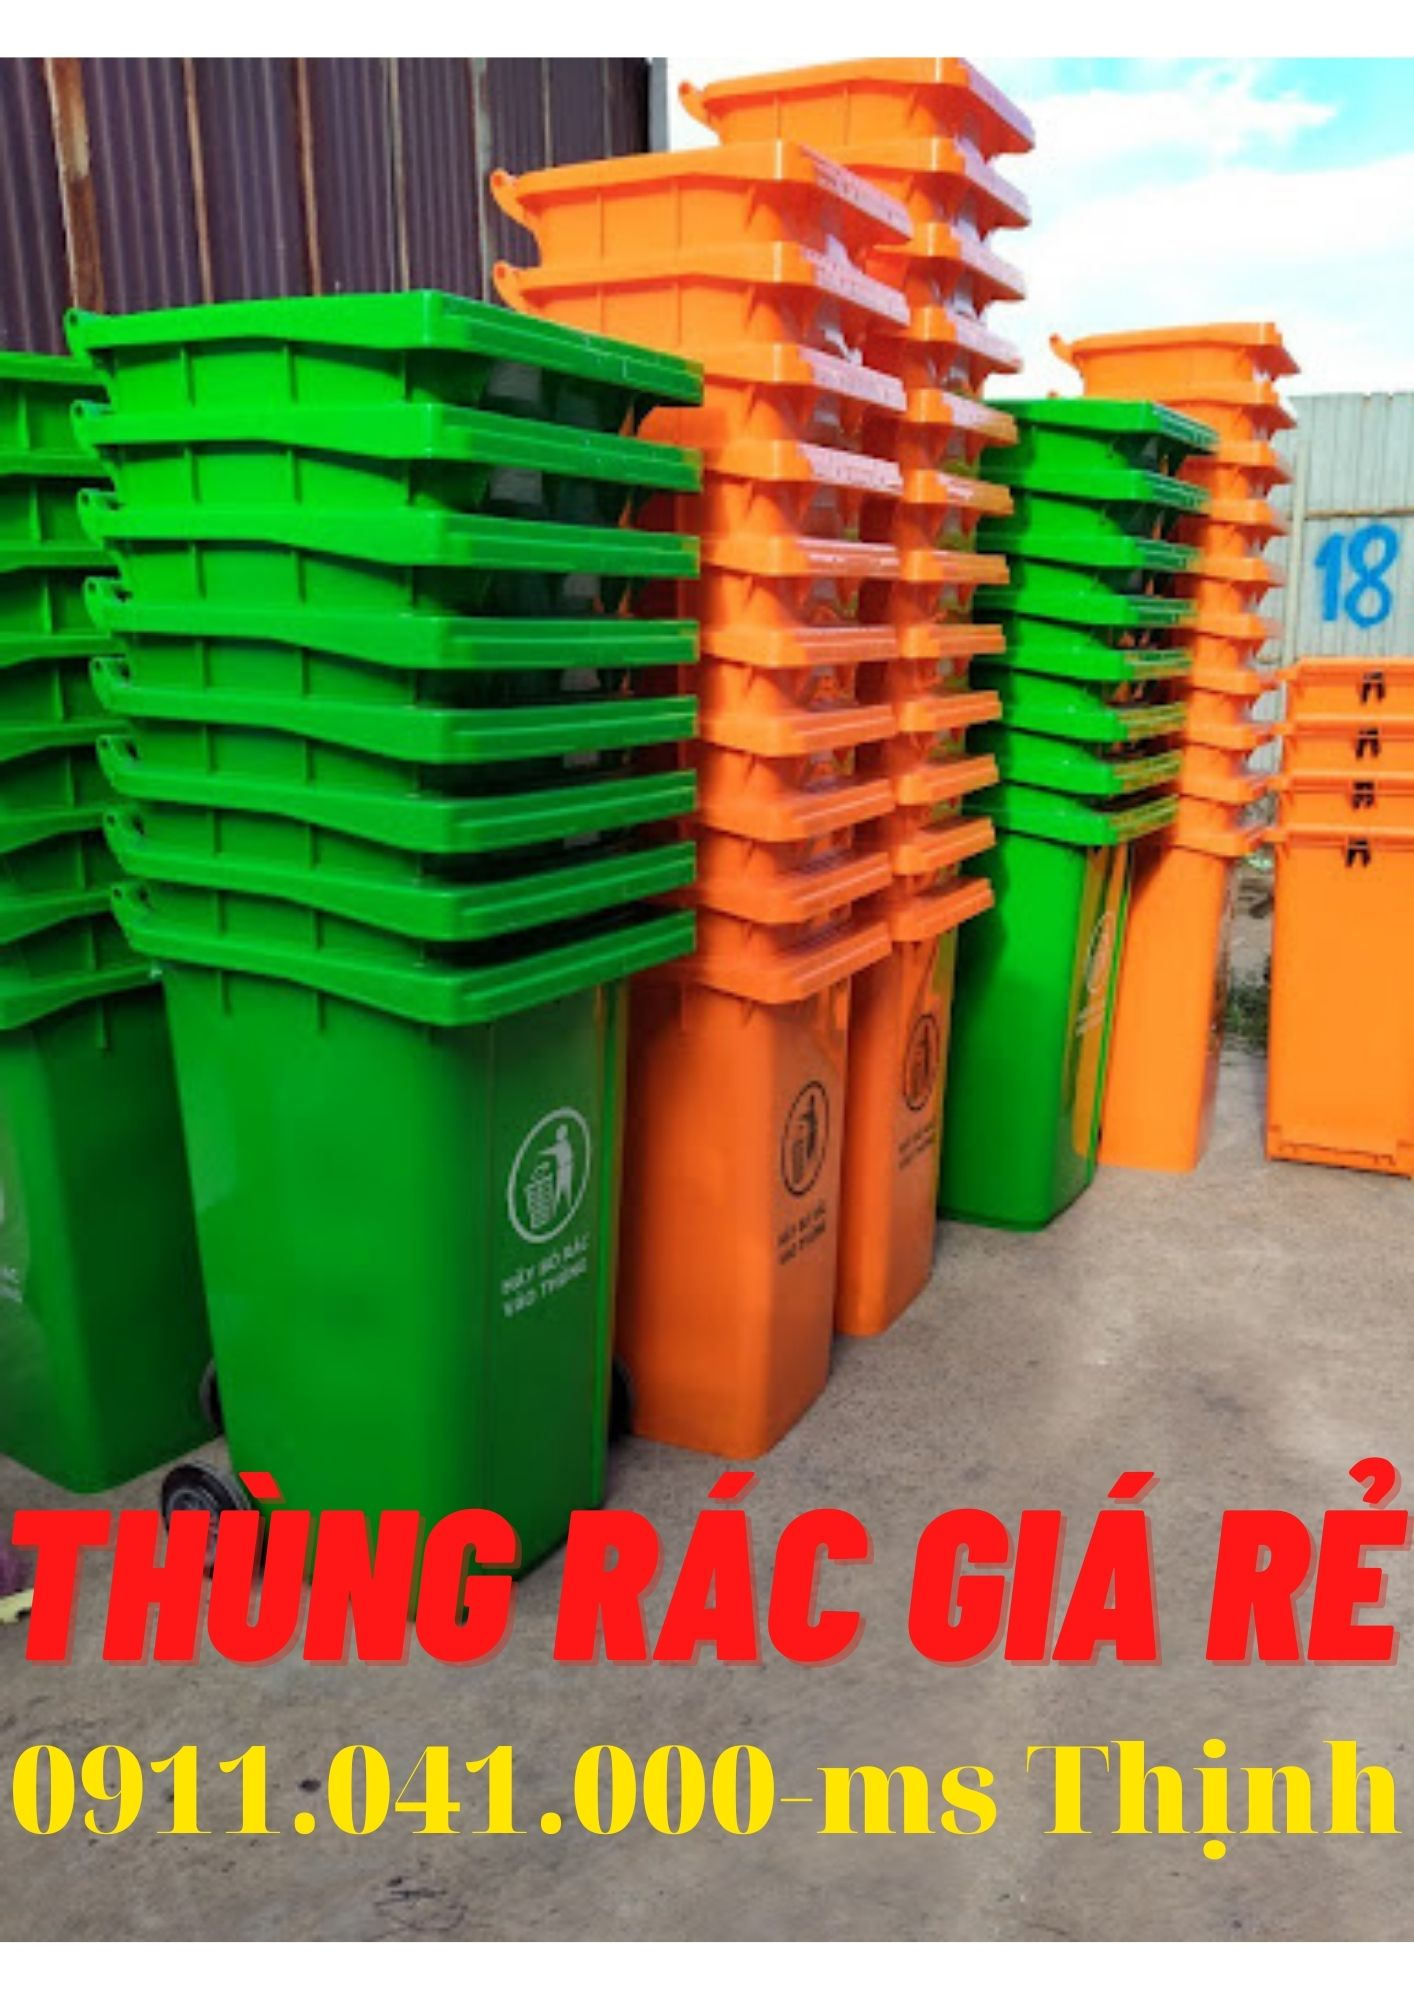 Đại lý thùng rác đồng nai, thùng rác 120lit 240lit lh 0911.041.000